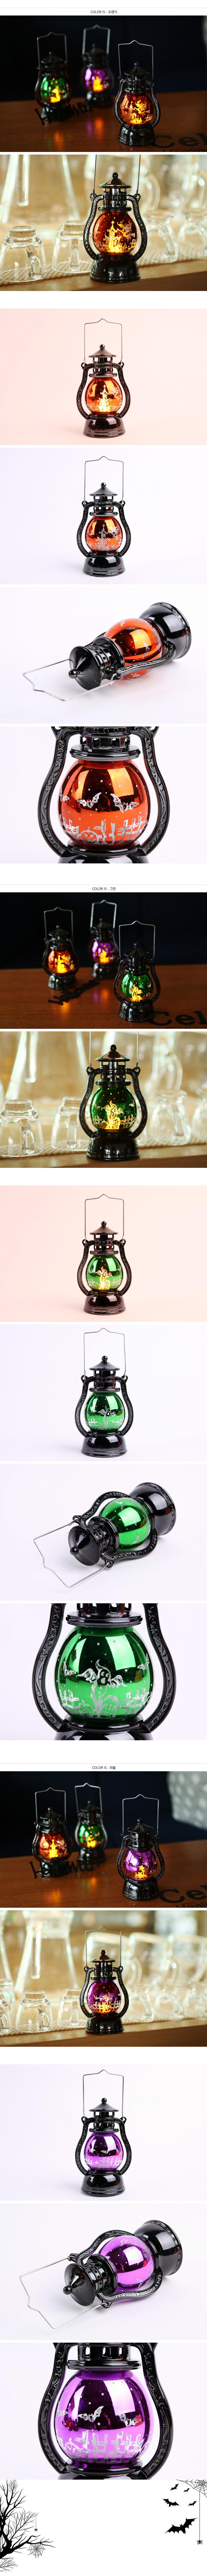 LED 할로윈 큐티랜턴 (소) 오렌지 - 파티해, 5,520원, 파티용품, 데코/장식용품